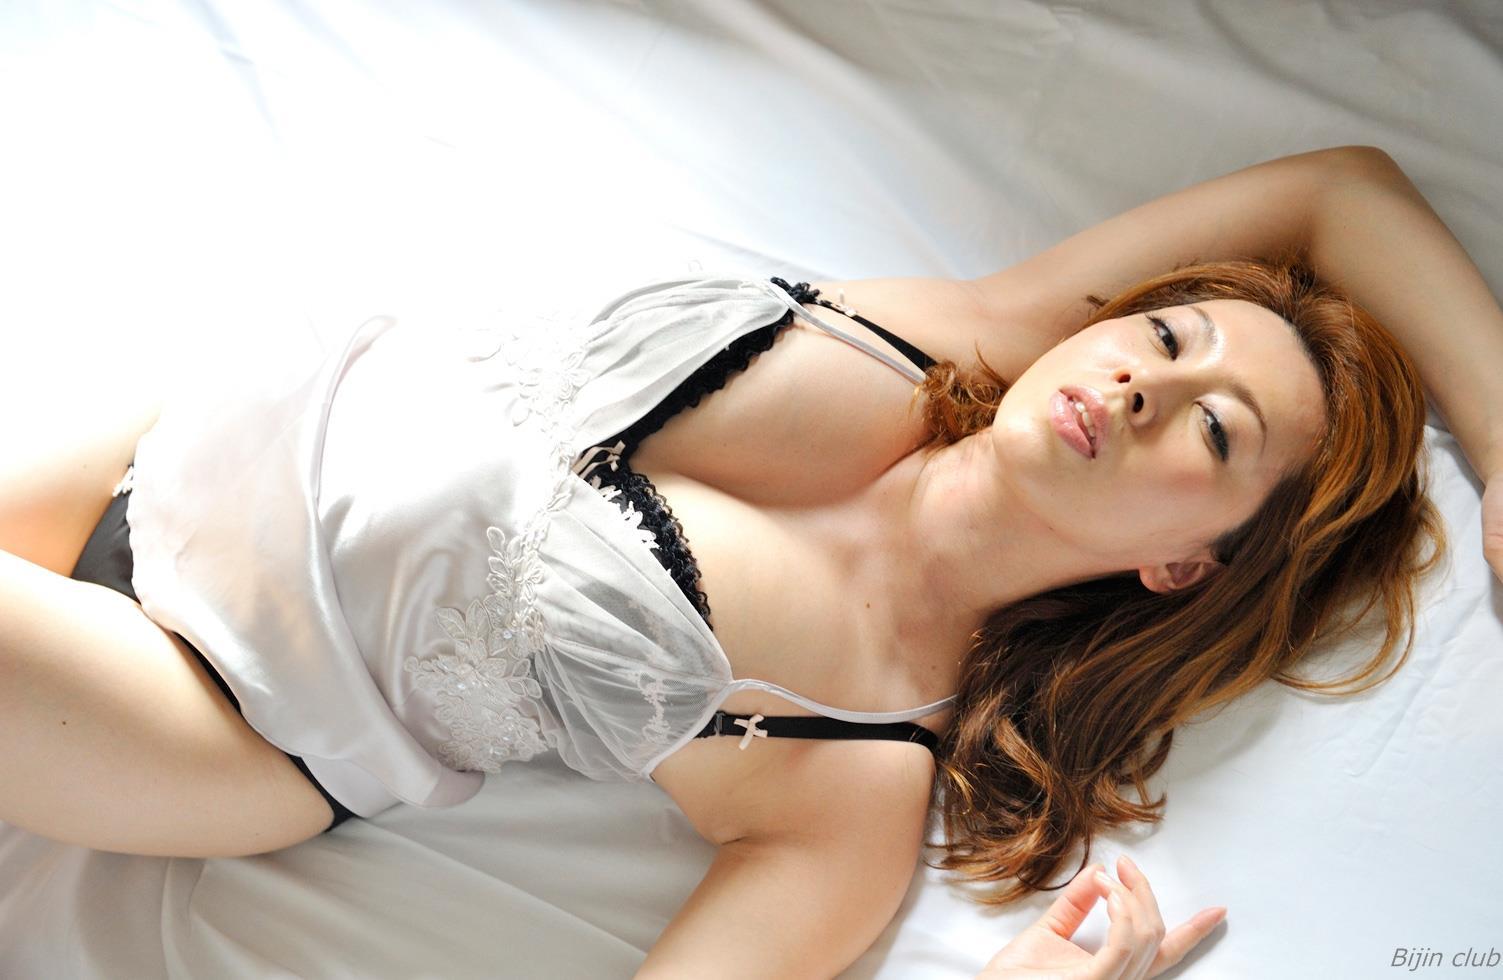 風間ゆみ Gカップ 美熟女性欲絶倫本気セックスなAV女優画像 140枚 No.136